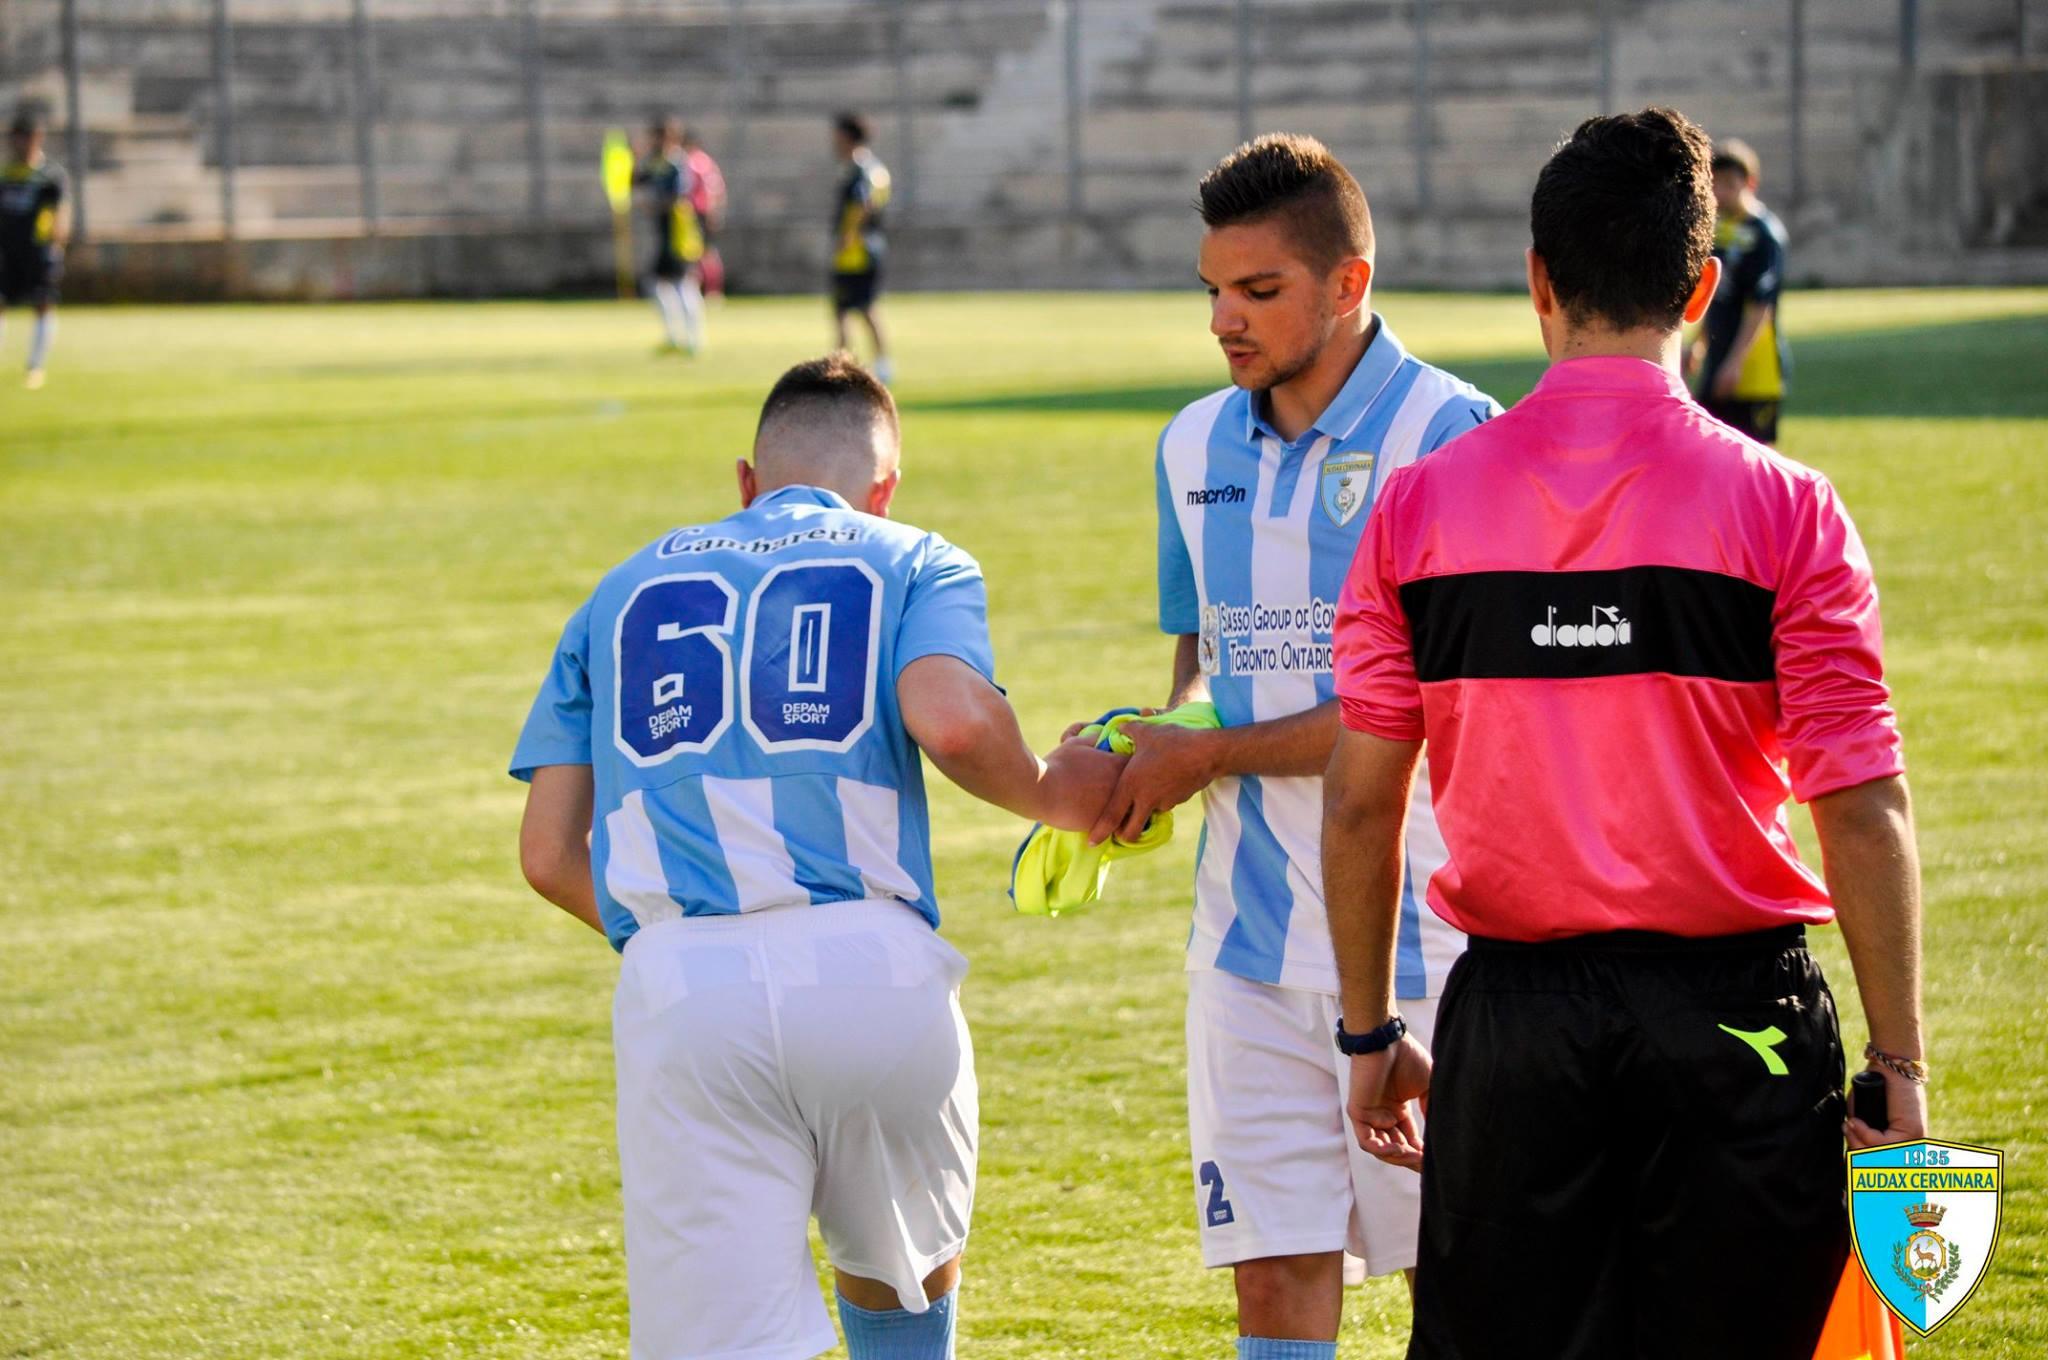 Audax Cervinara   Colarusso lascia la squadra: chiedo scusa ai tifosi.